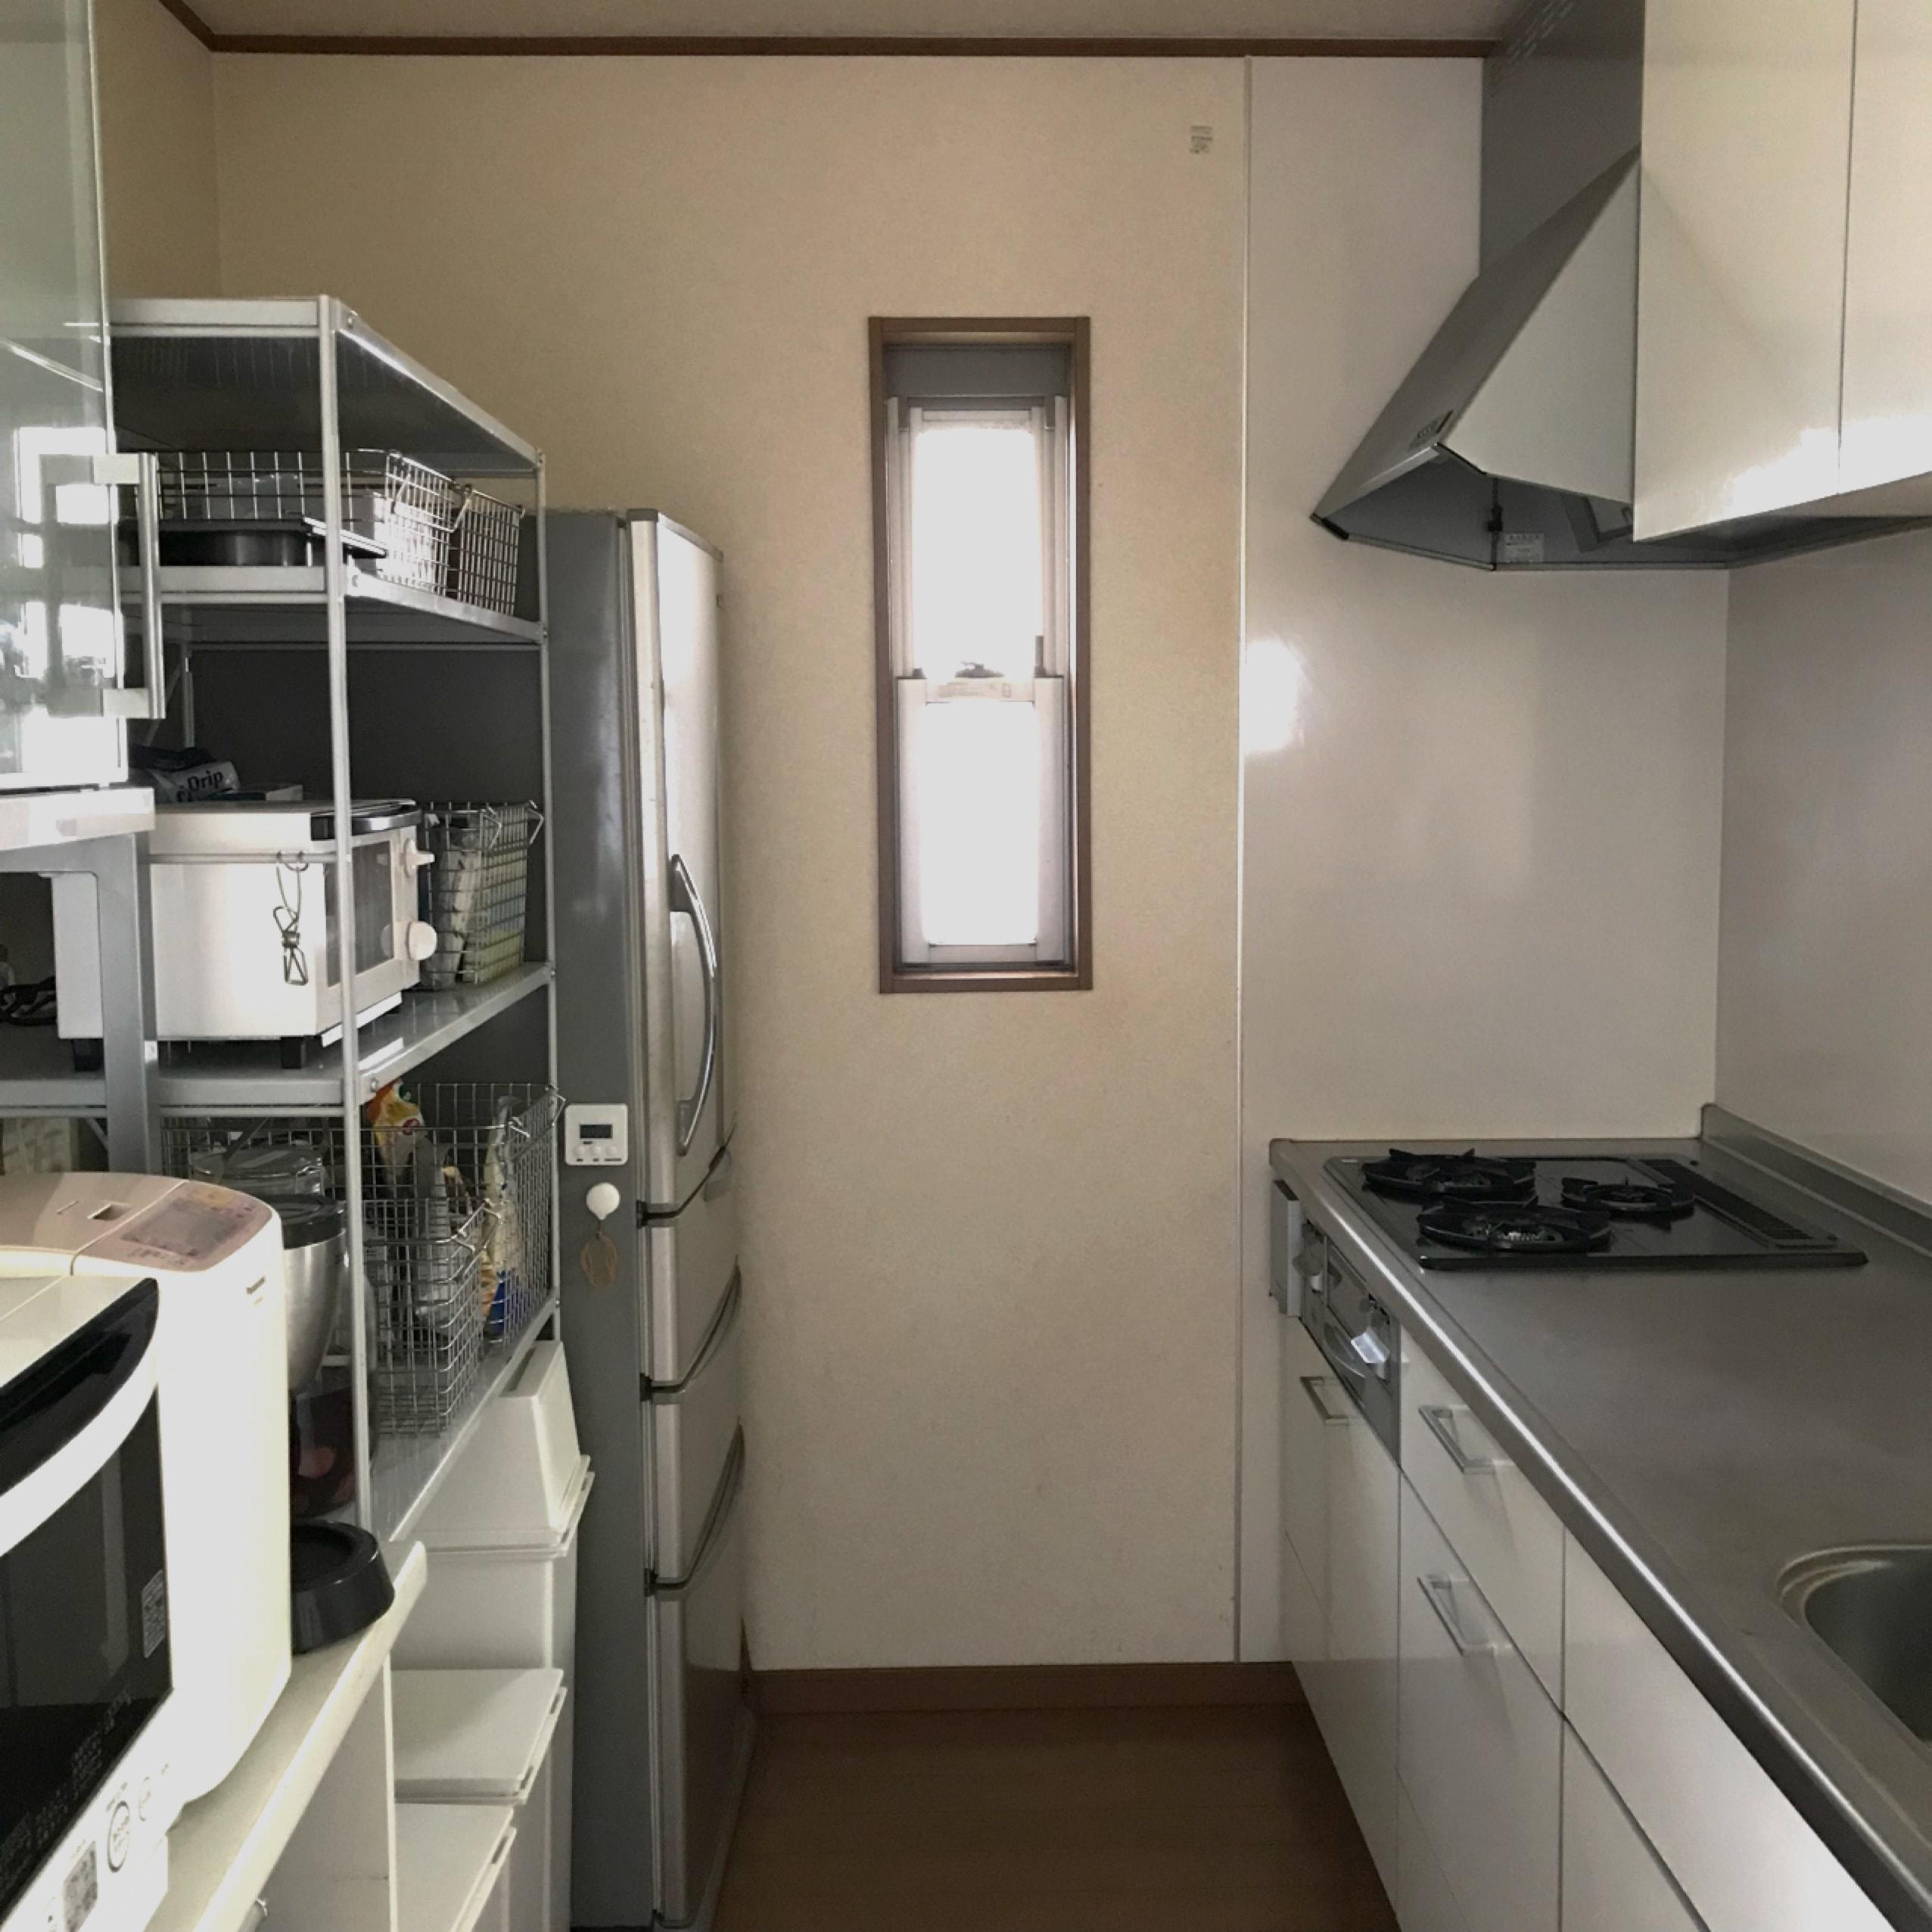 c714267b3a キッチン収納術のコツを知って、シンク下や引き出しの片付けをもっと効率 ...